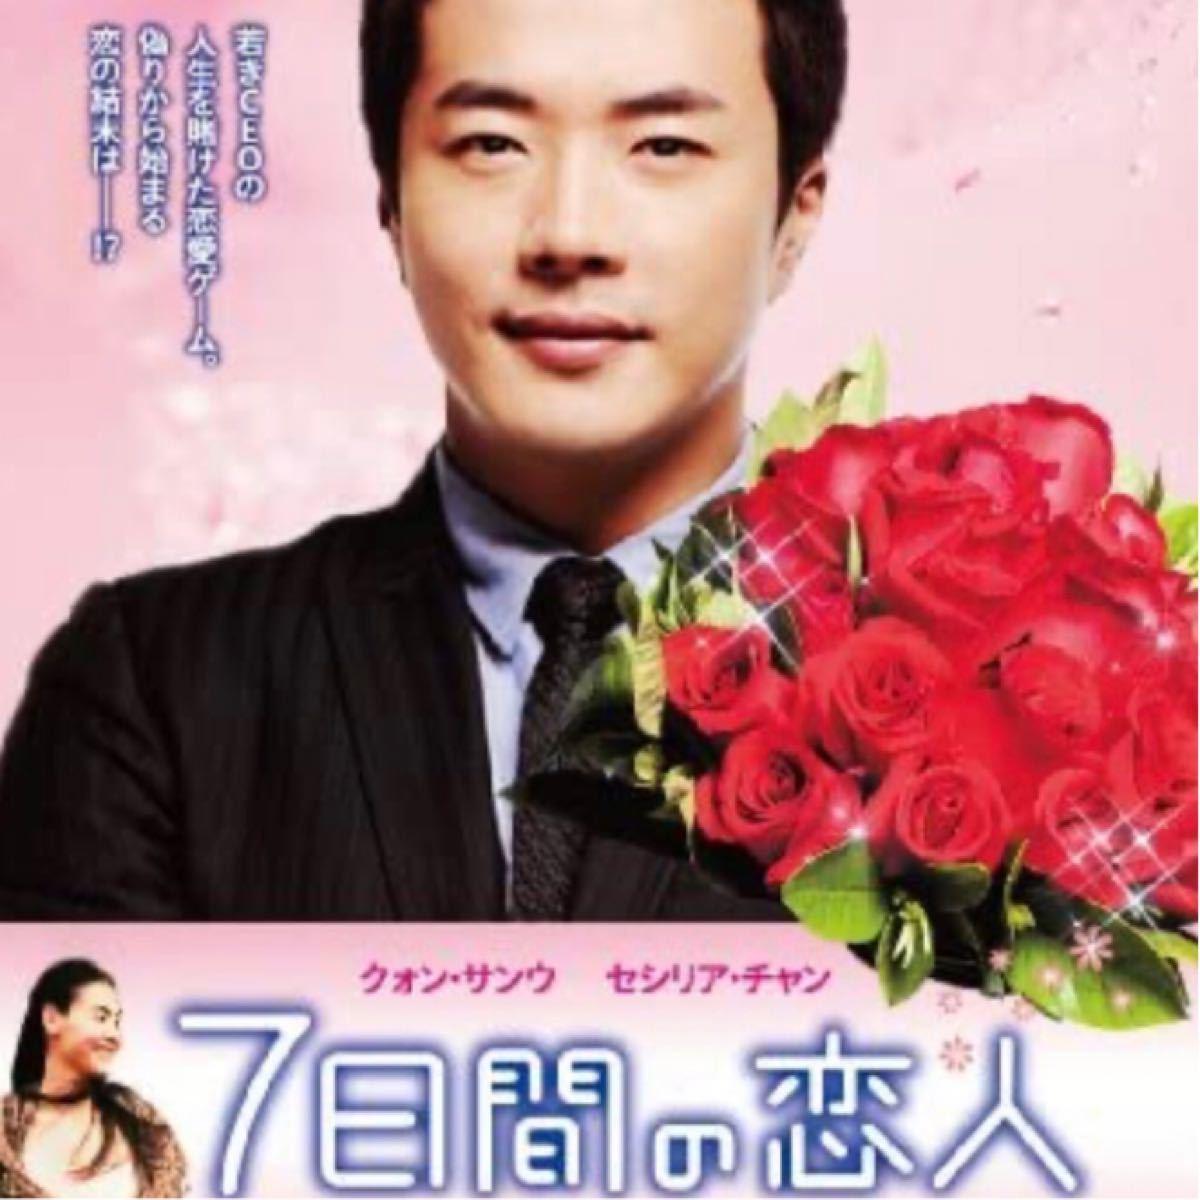 中国映画  7日間の恋人  クォン・サンウ  セシリア・チャン  DVD  日本語吹替有り  レーベル有り